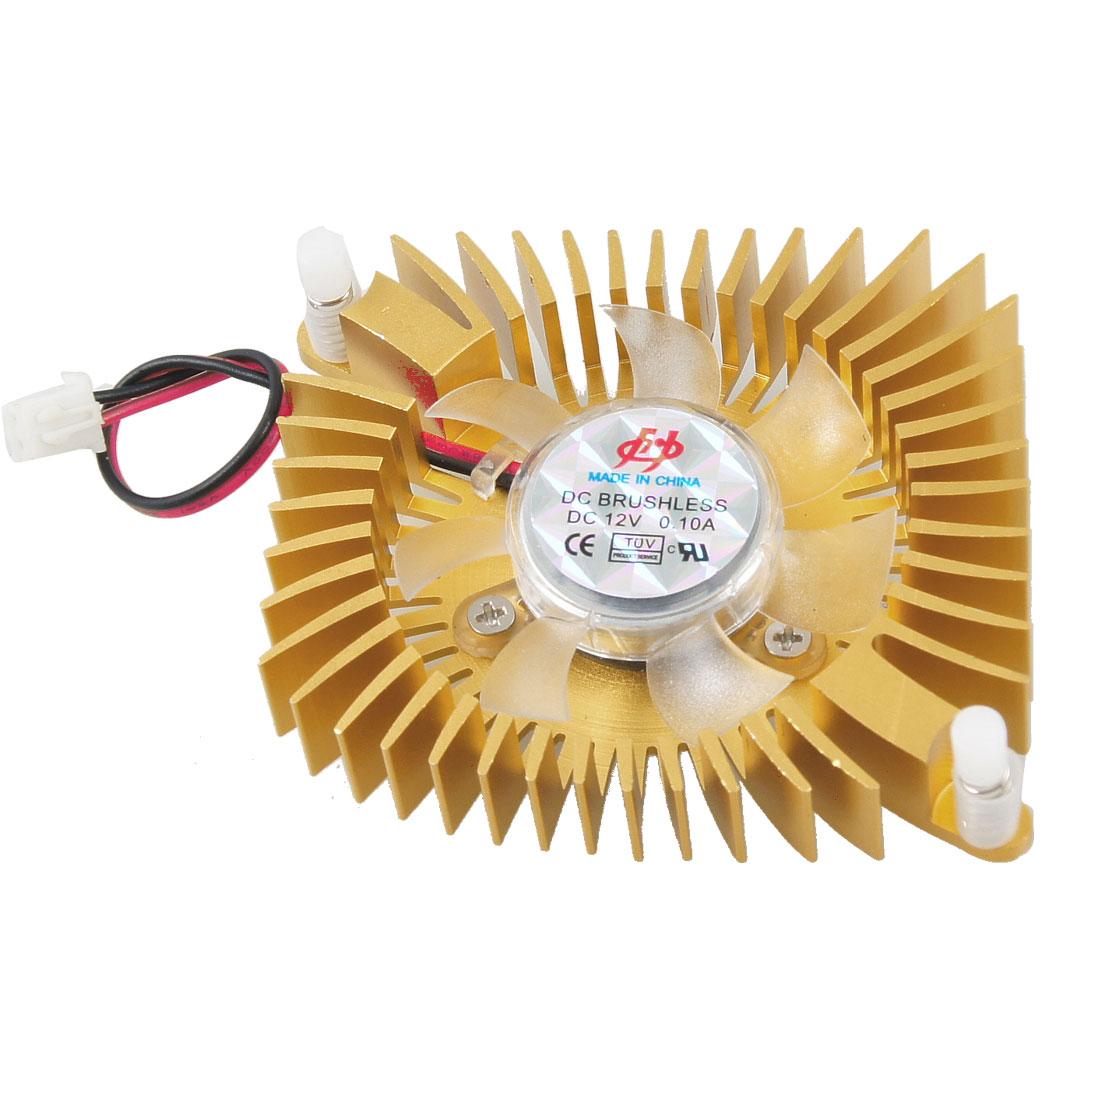 DC 12V 80mm VGA Video Card Cooler Cooling Fan for Computer